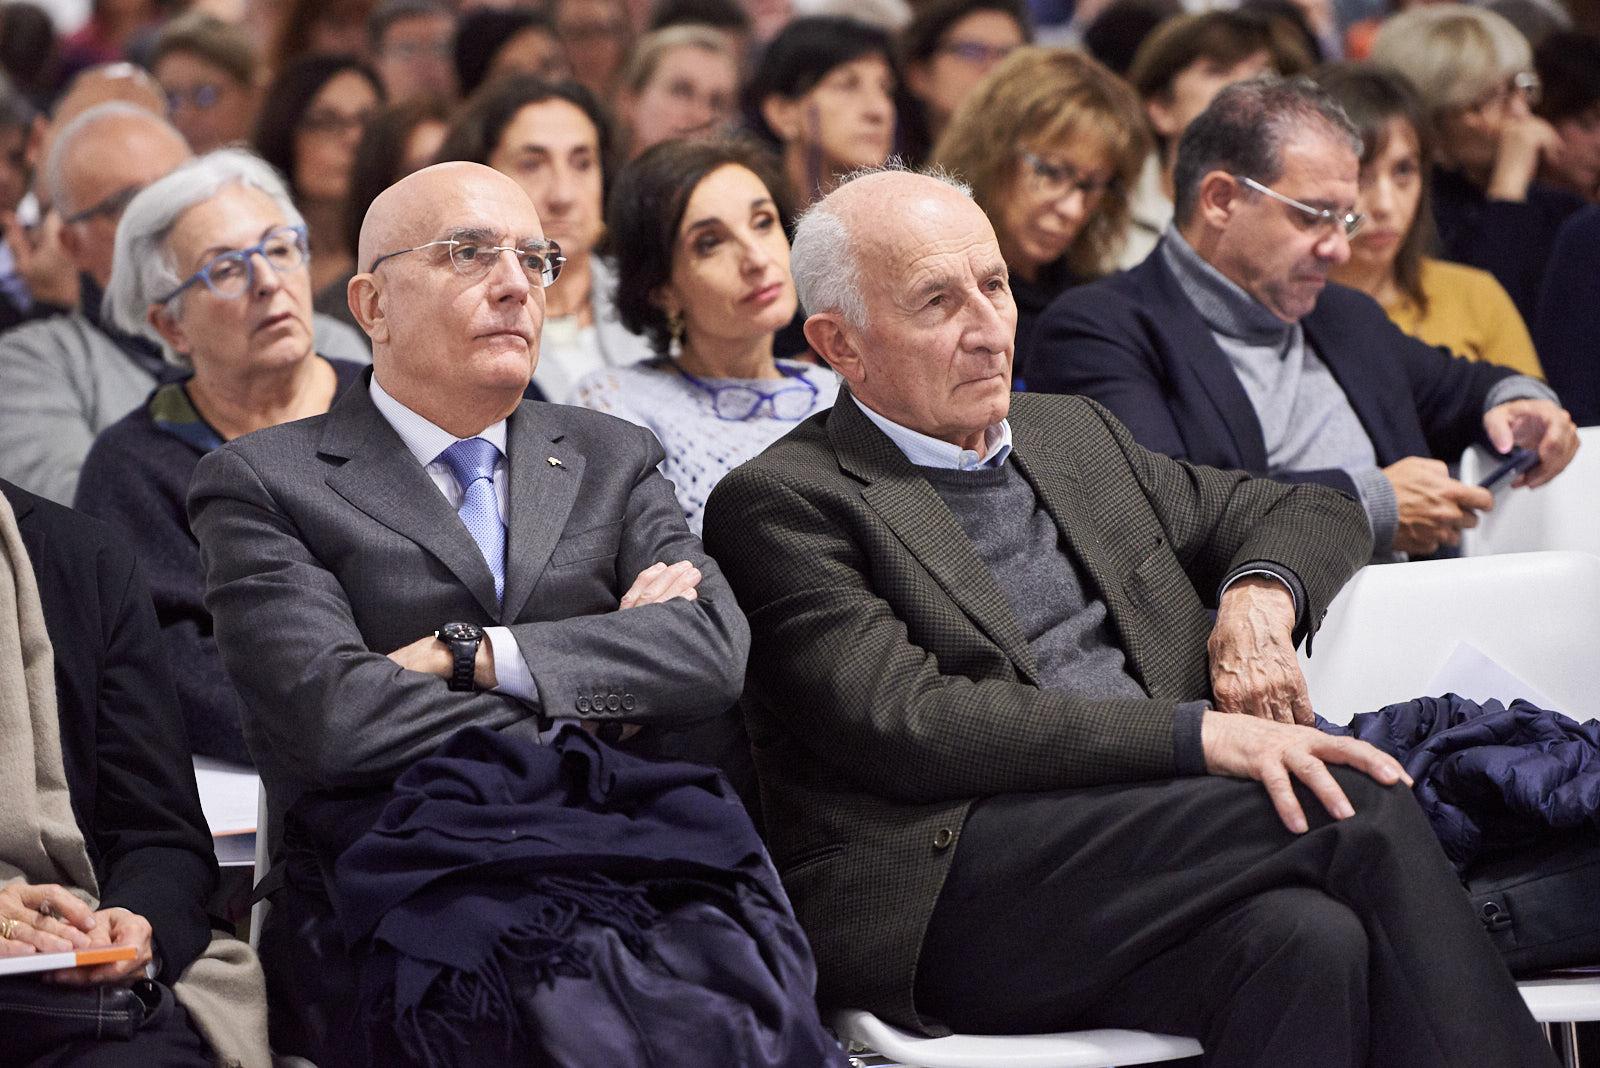 presente alla giornata anche Gabriele Albertini, già sindaco di Milano e primo firmatario dell'appello per l'istituzione del 6 marzo-Giornata europea dei Giusti